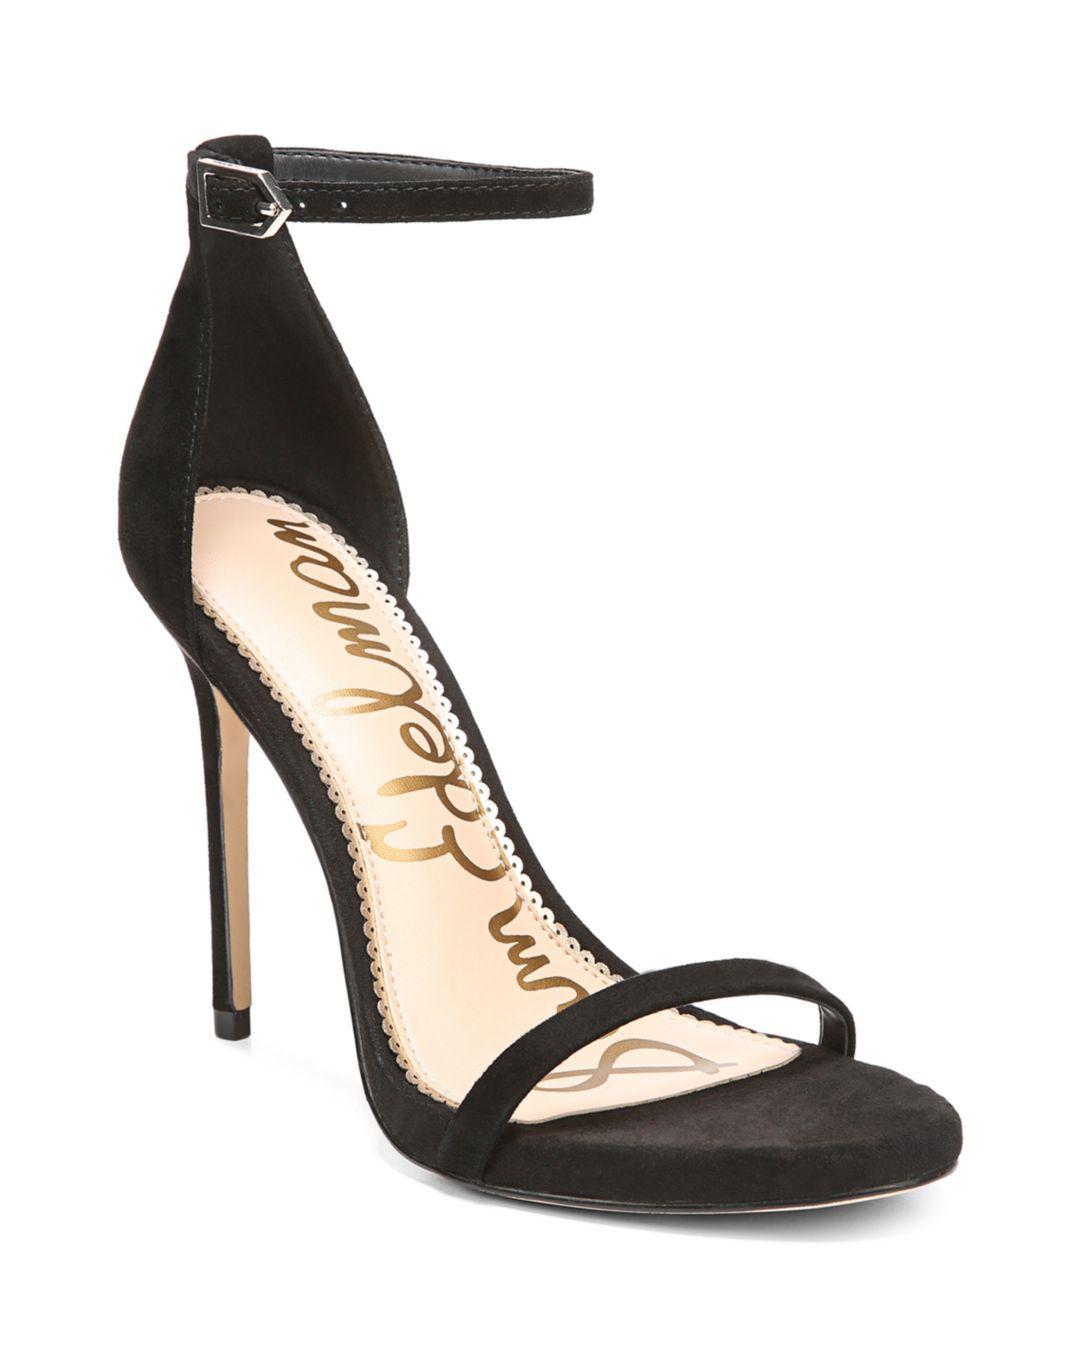 4c932f088c3c1 Lyst - Sam Edelman Women s Ariella High-heel Ankle Strap Sandals in ...